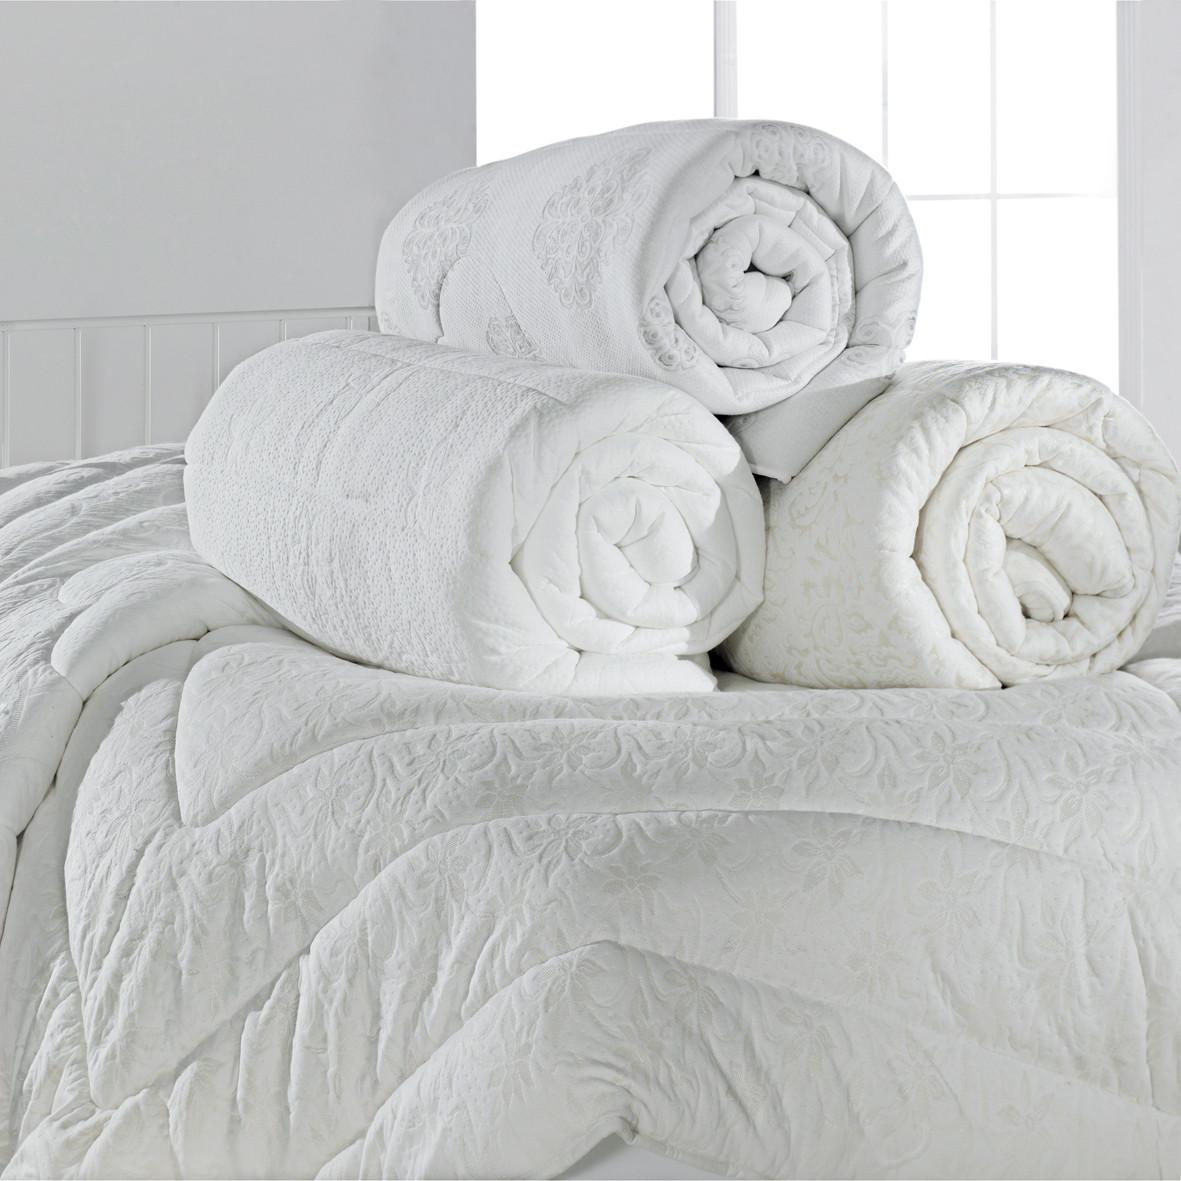 Стеганое одеяло harem